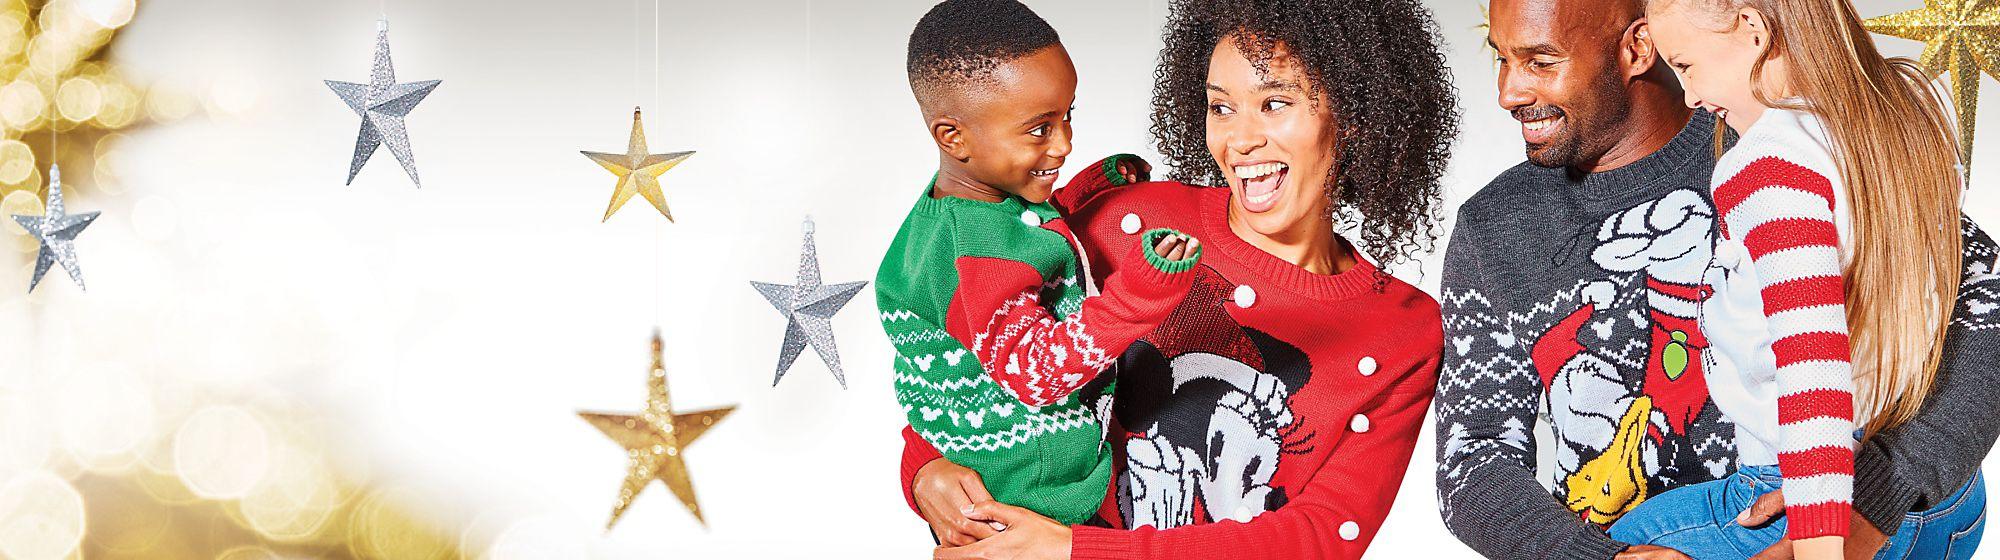 Boutique de Noël Préparez-vous pour Noël avec le cadeau parfait VOIR LA COLLECTION